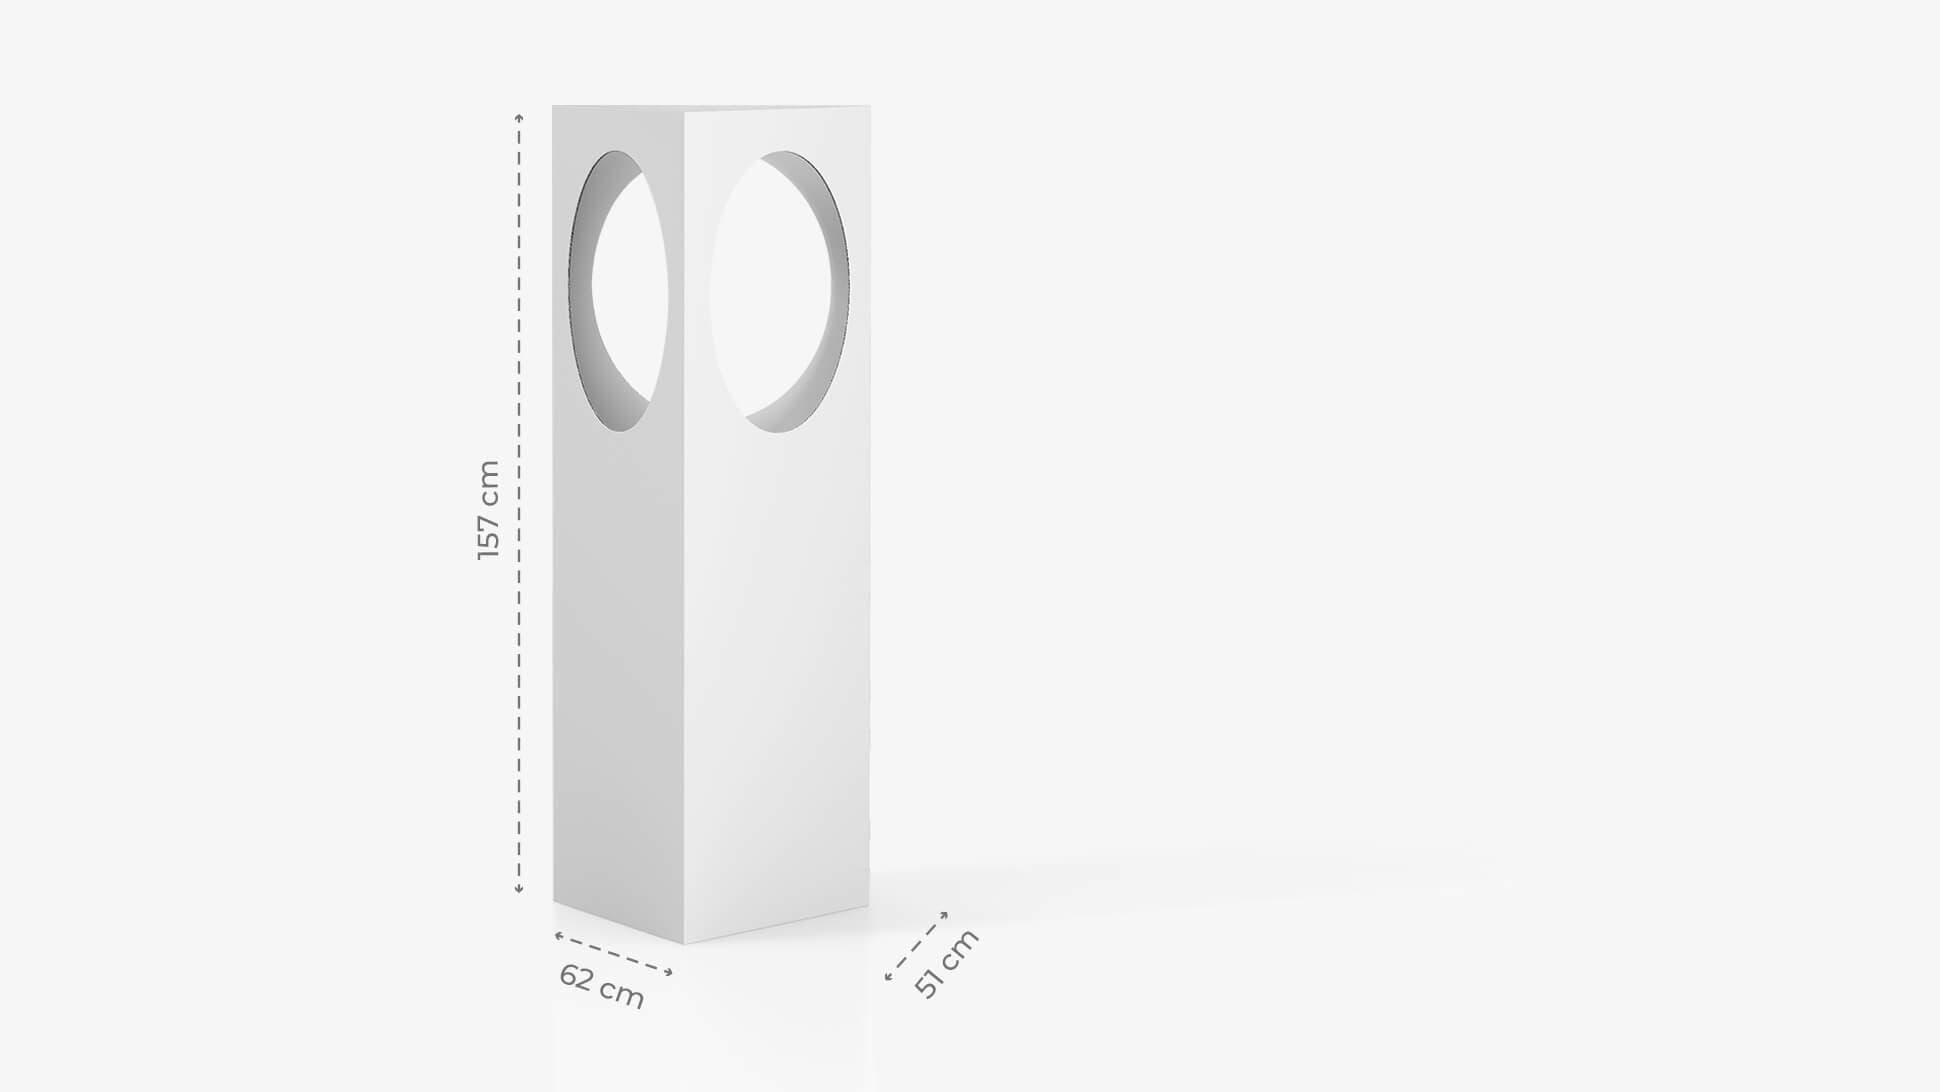 Contenitore espositivo h157 cm con grafica personalizzata | tictac.it